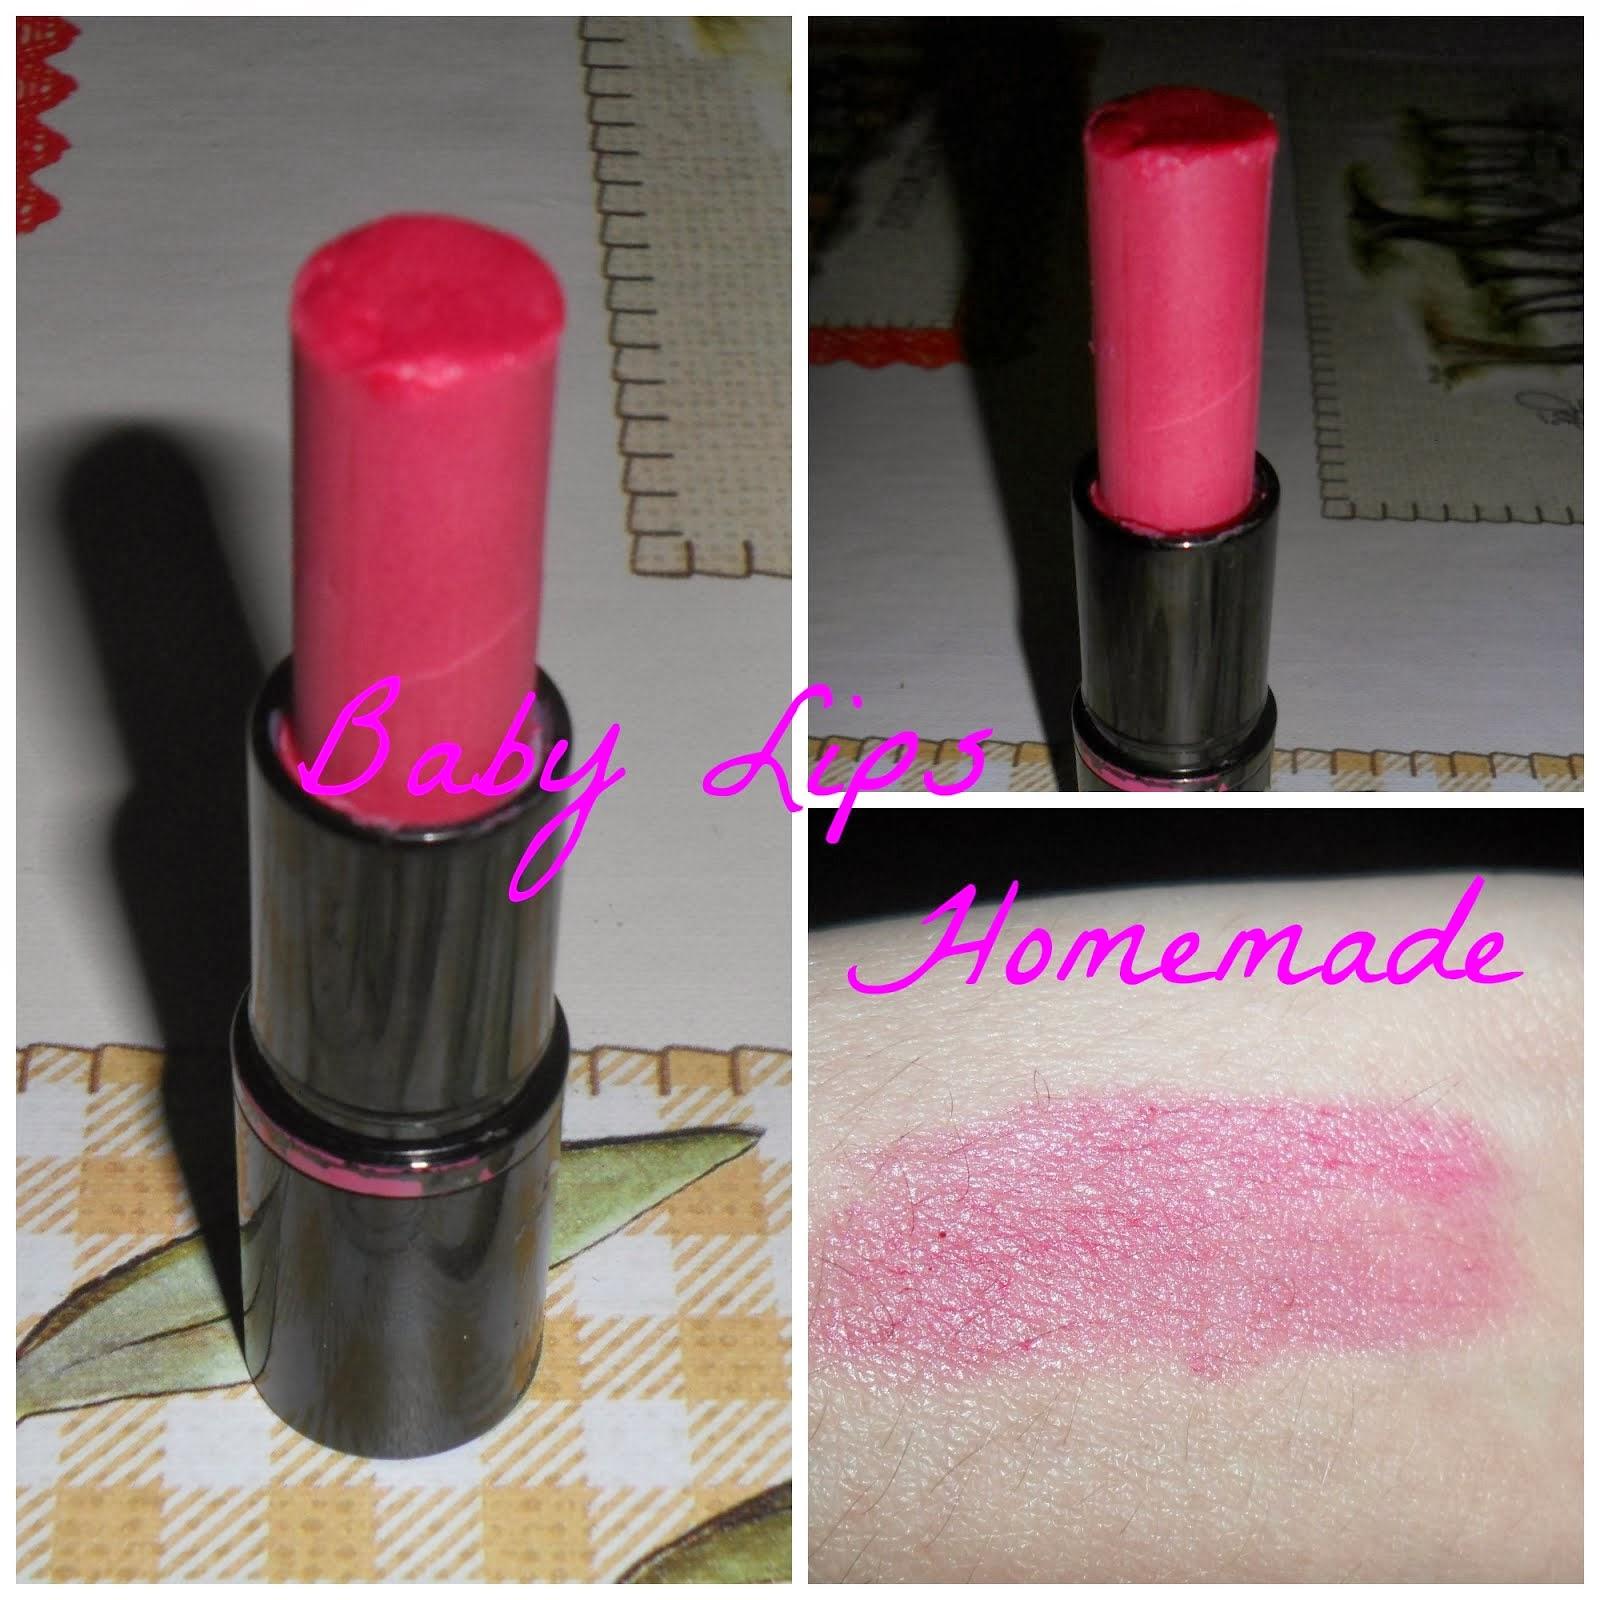 Baby Lips Homemade